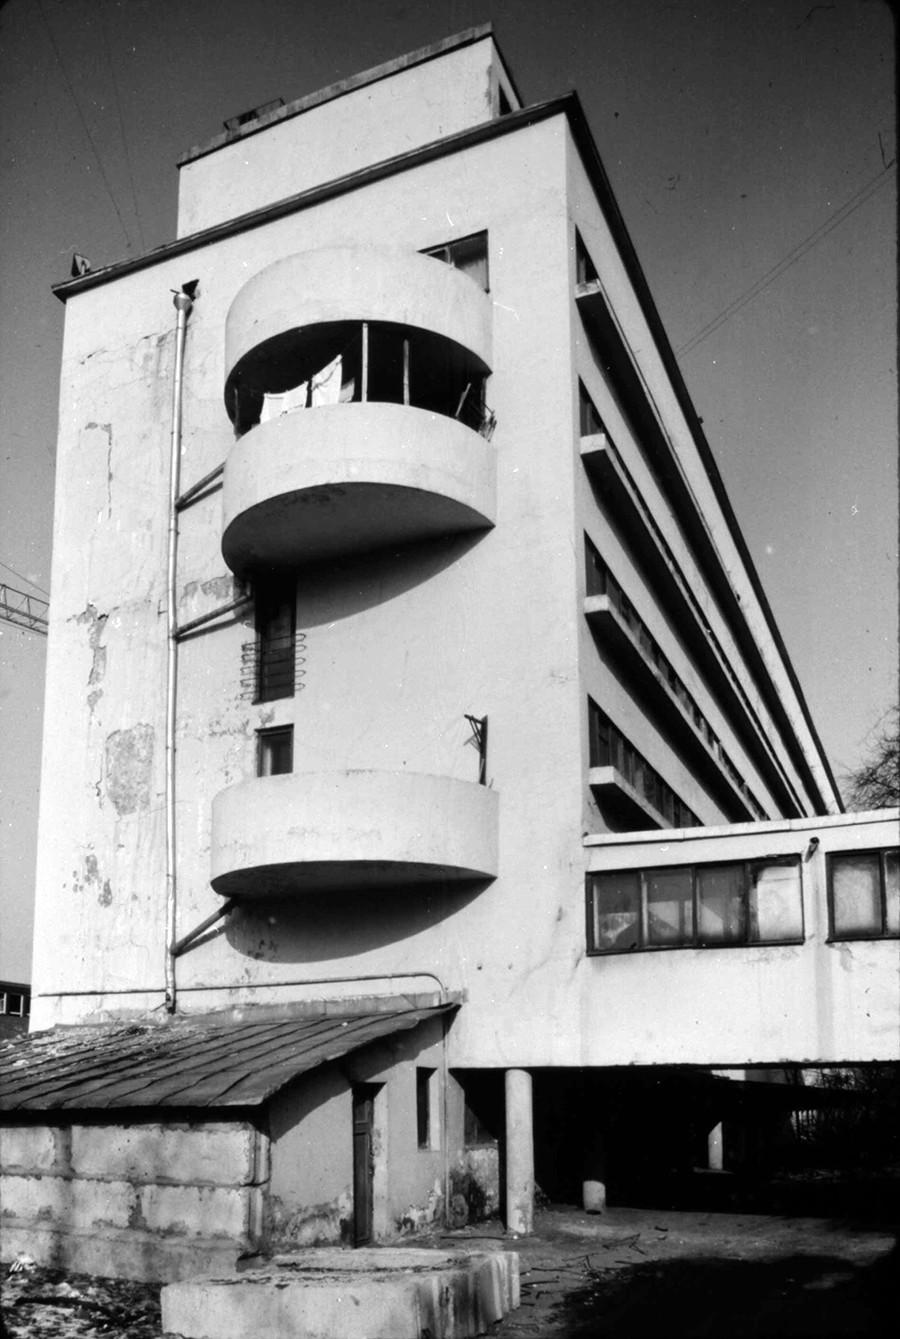 莫斯科财政人民委员部公寓楼(1928)。图片:1984年。摄影:William Brumfield